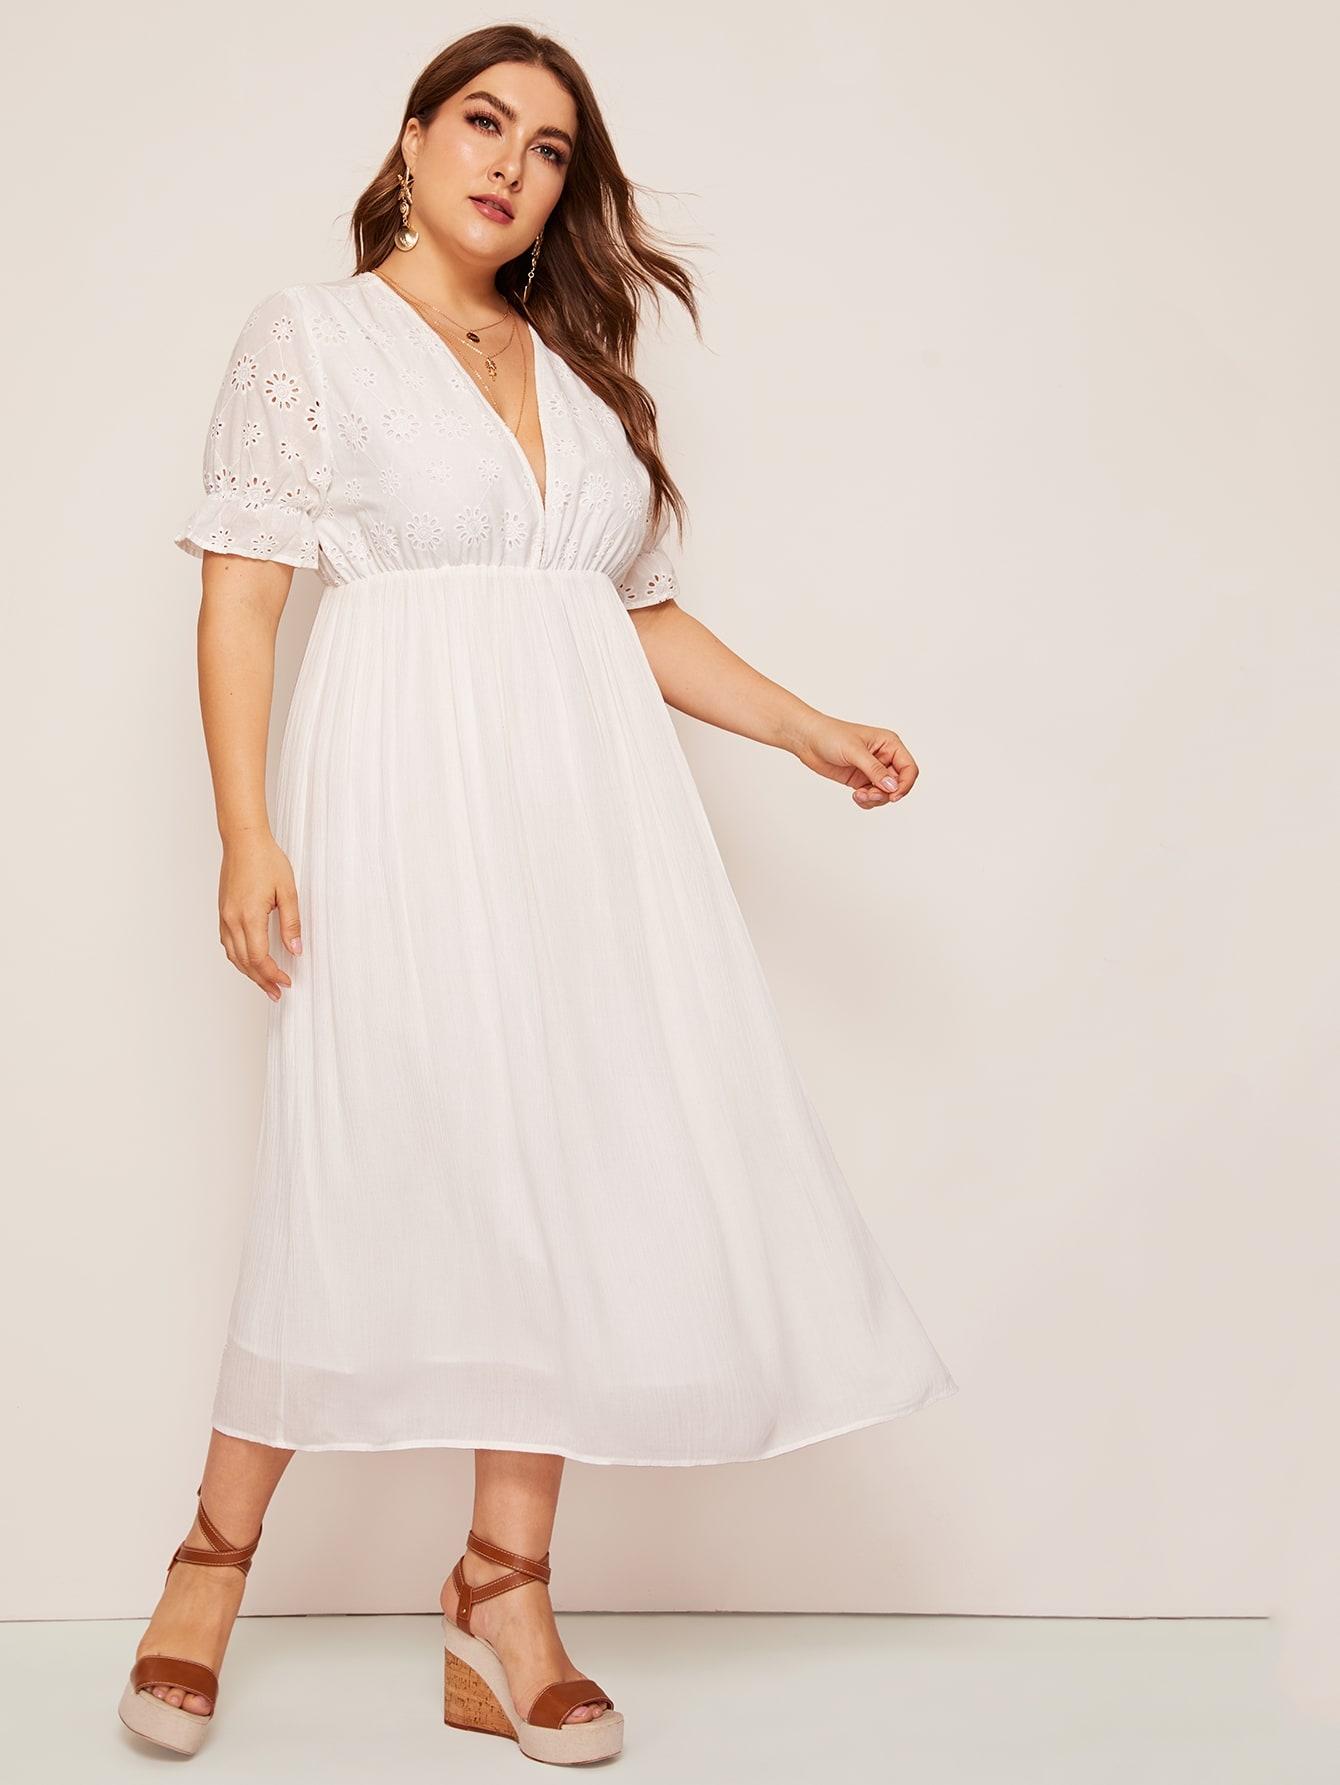 Размера плюс стильное платье с вышивкой и V-образным вырезом